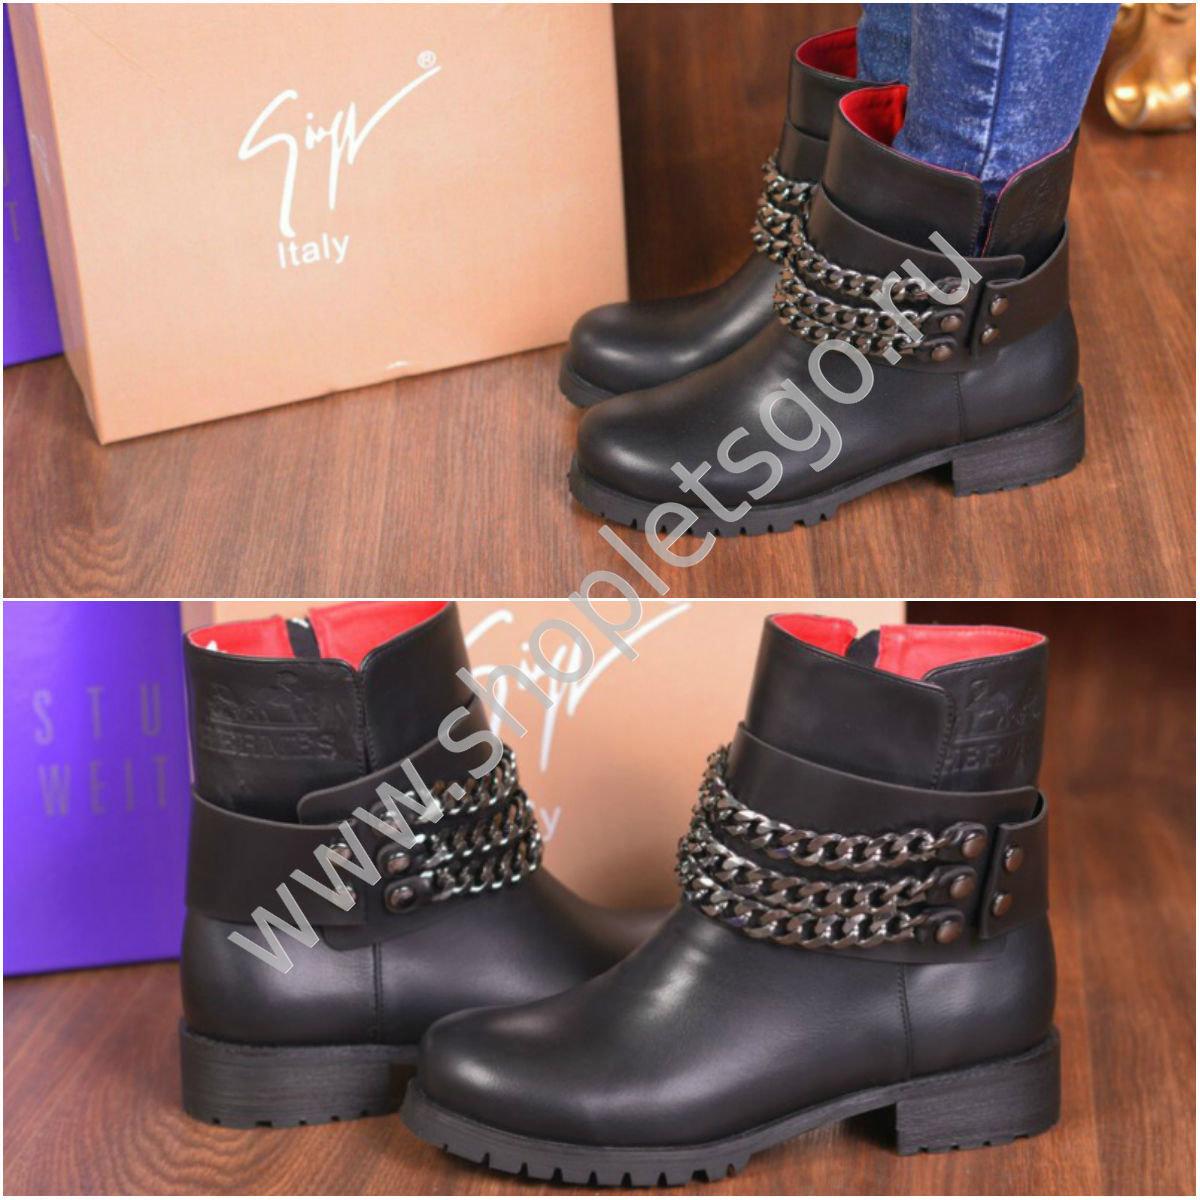 Ботинки Hermes женские. Hermes ботинки женские Перейти на официальный сайт  производителя... http 5943506101b